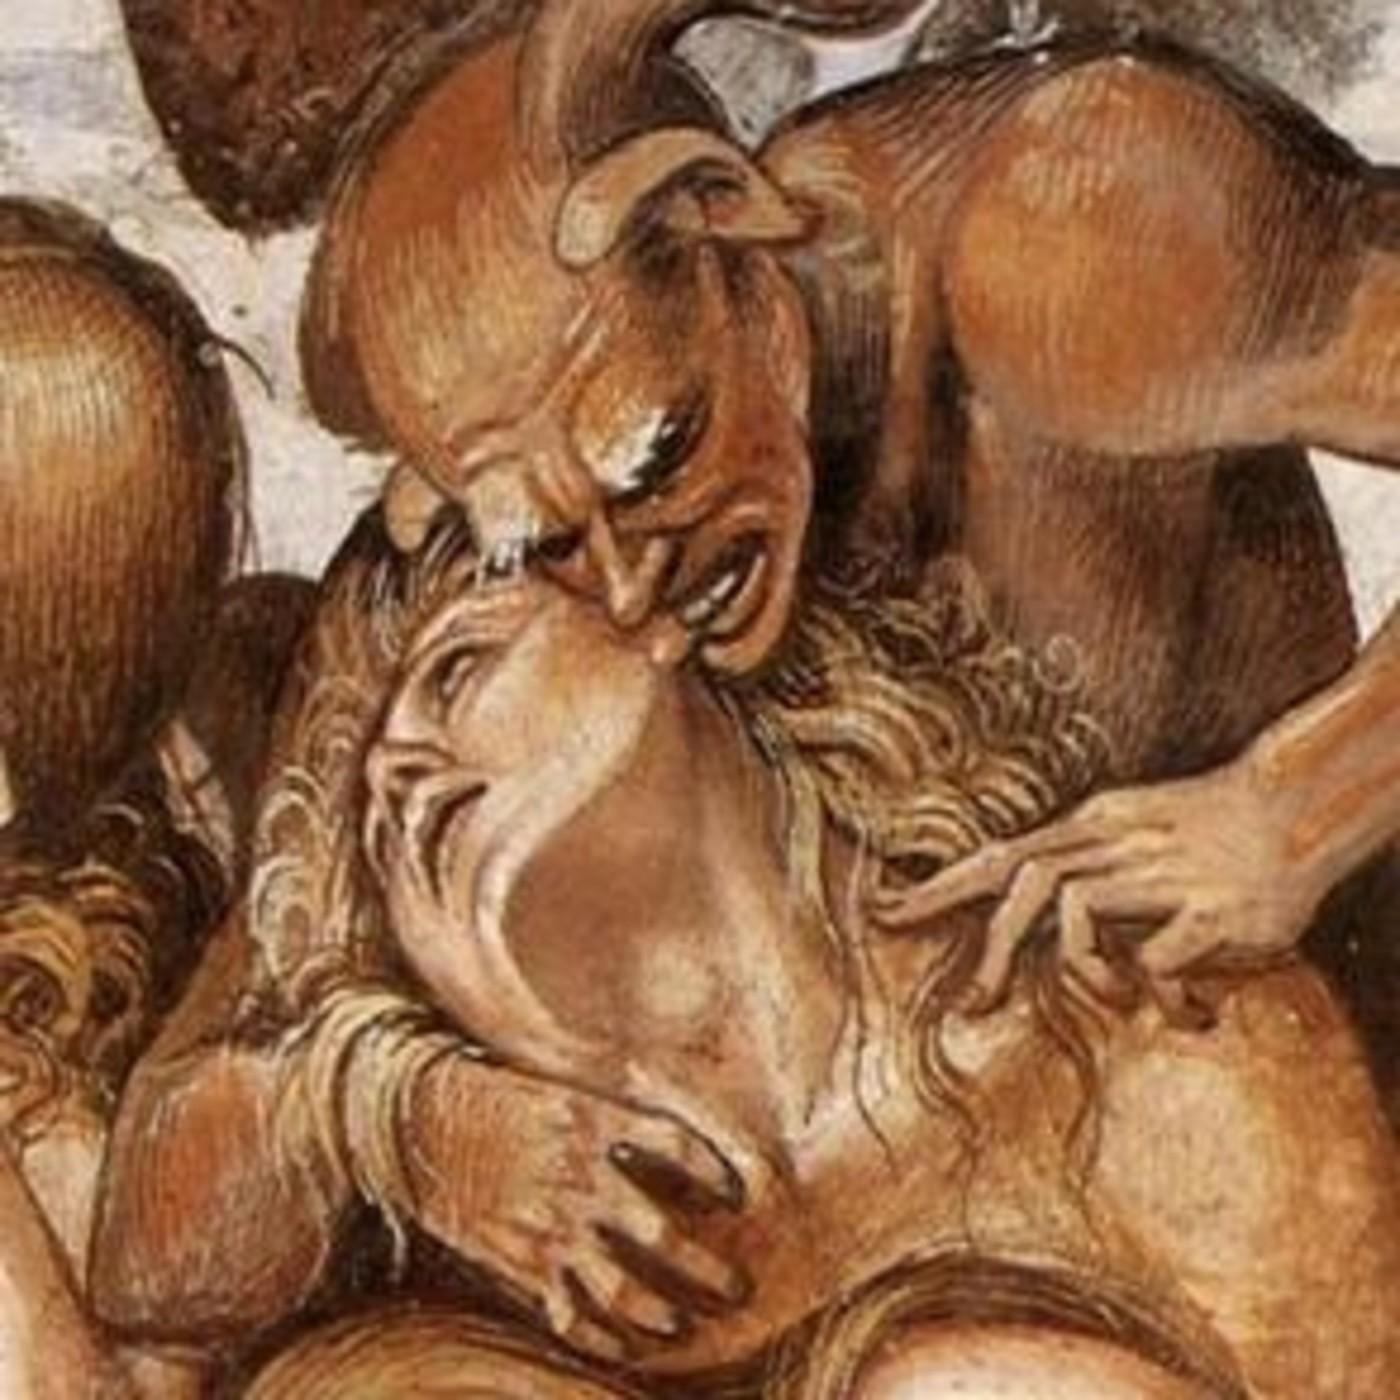 Resultado de imagen para posesion demoniaca